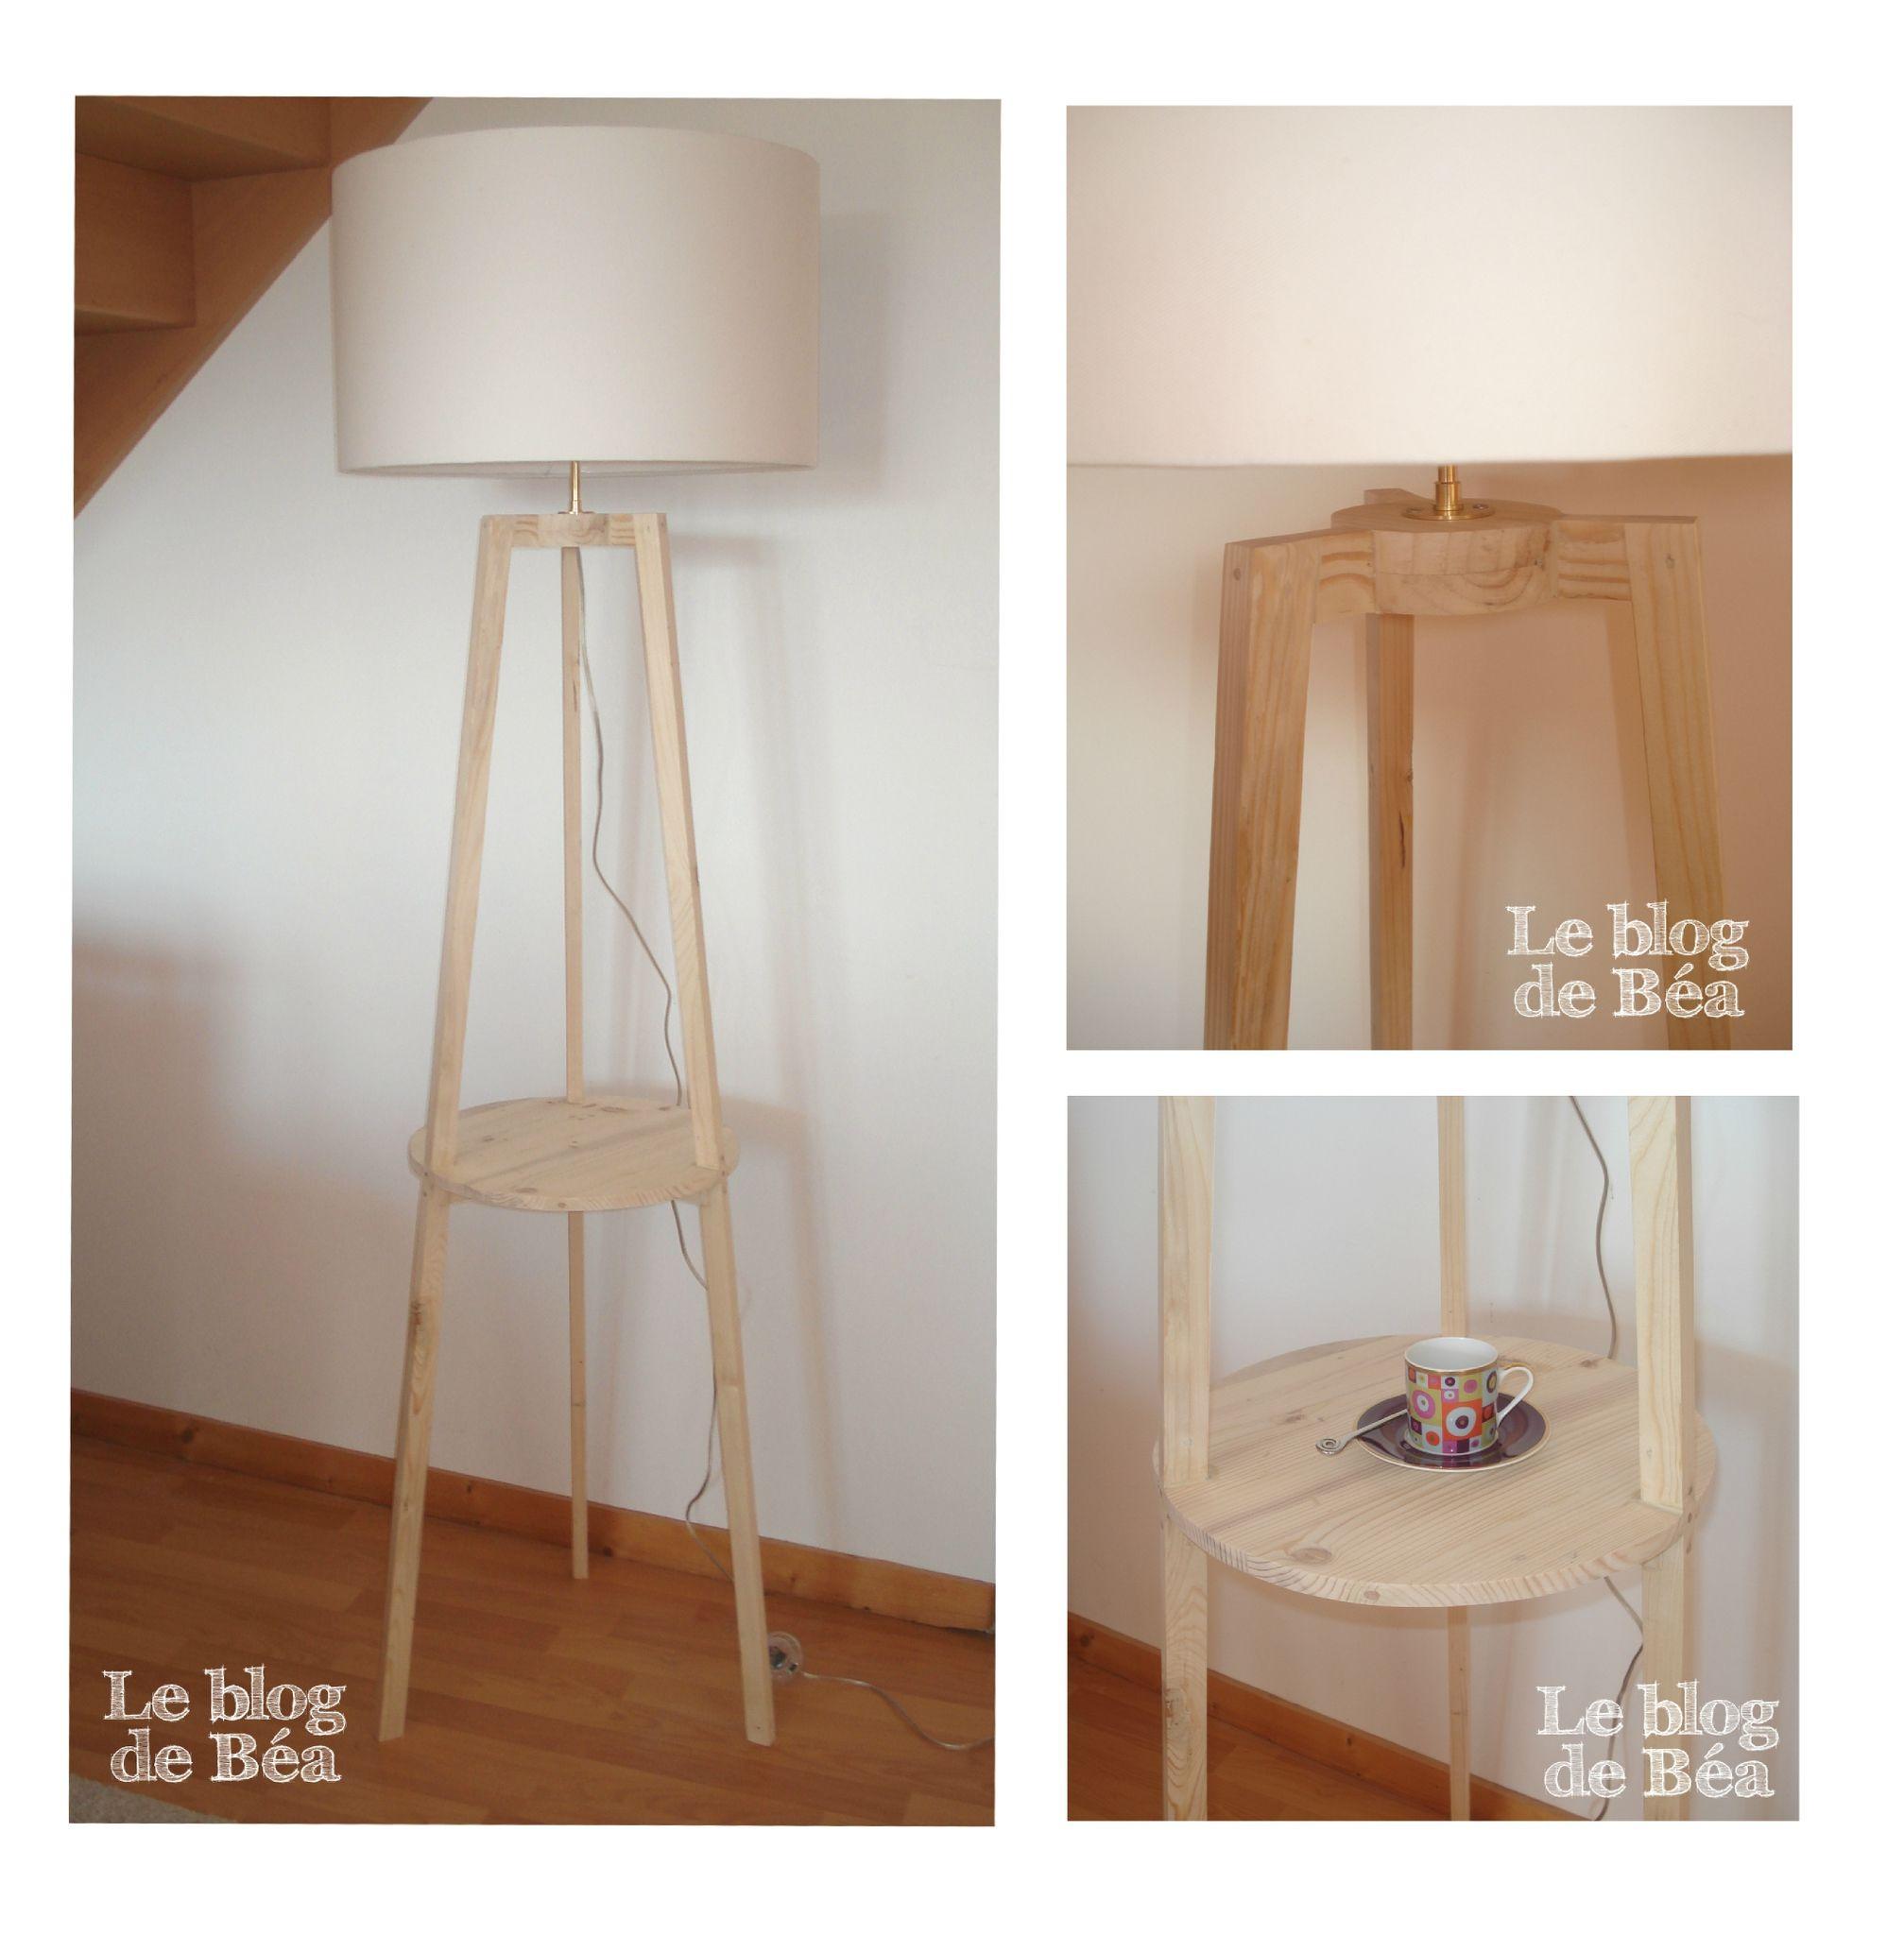 diy lampadaire tr pied avec tablette le blog de b a lampadaire trepied tr pied et lampadaires. Black Bedroom Furniture Sets. Home Design Ideas